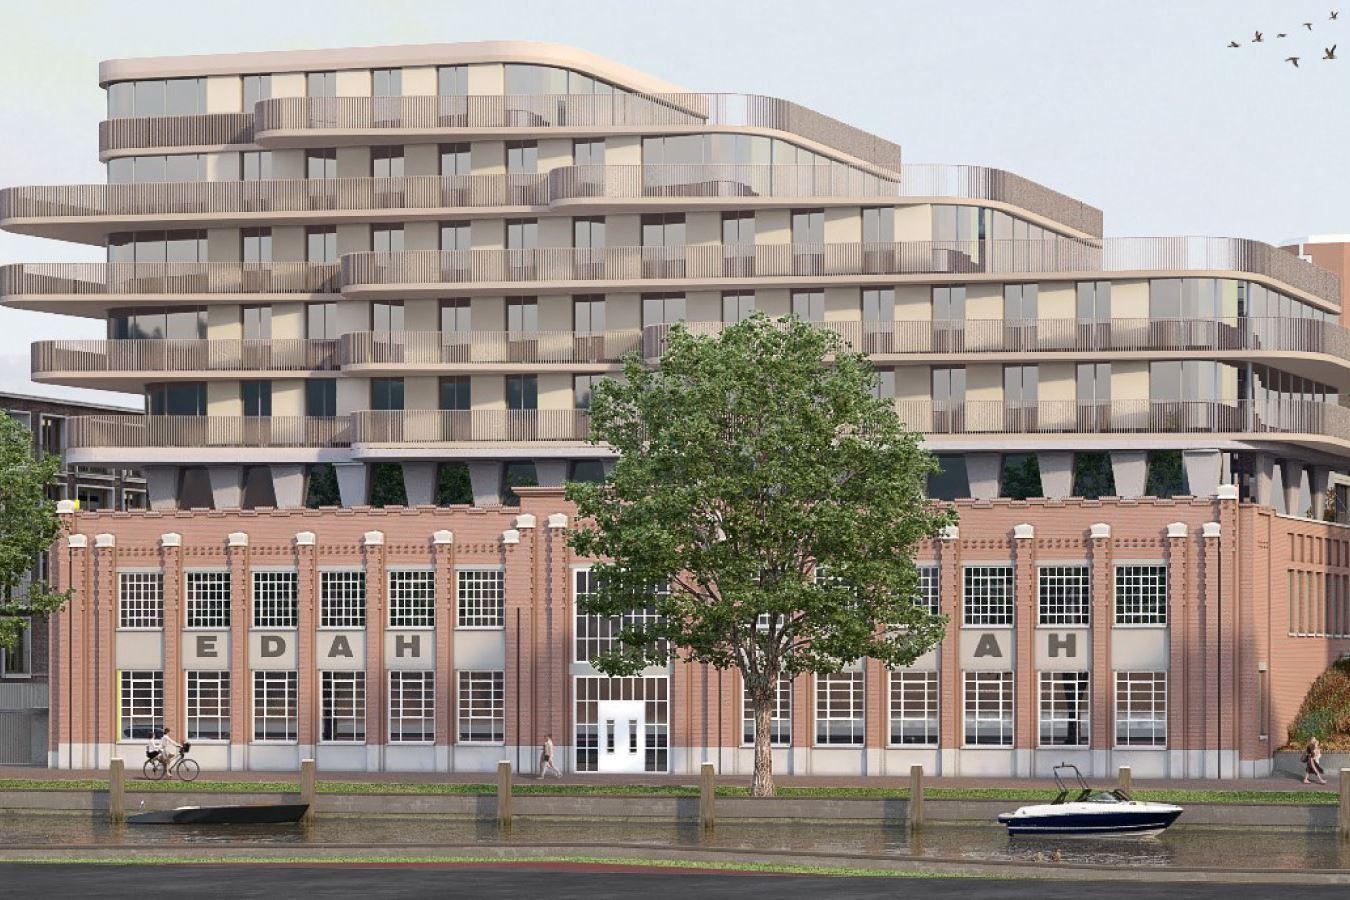 Bekijk foto 1 van E.06   Hoekappartement   E2   Oranjekade (Bouwnr. 6)